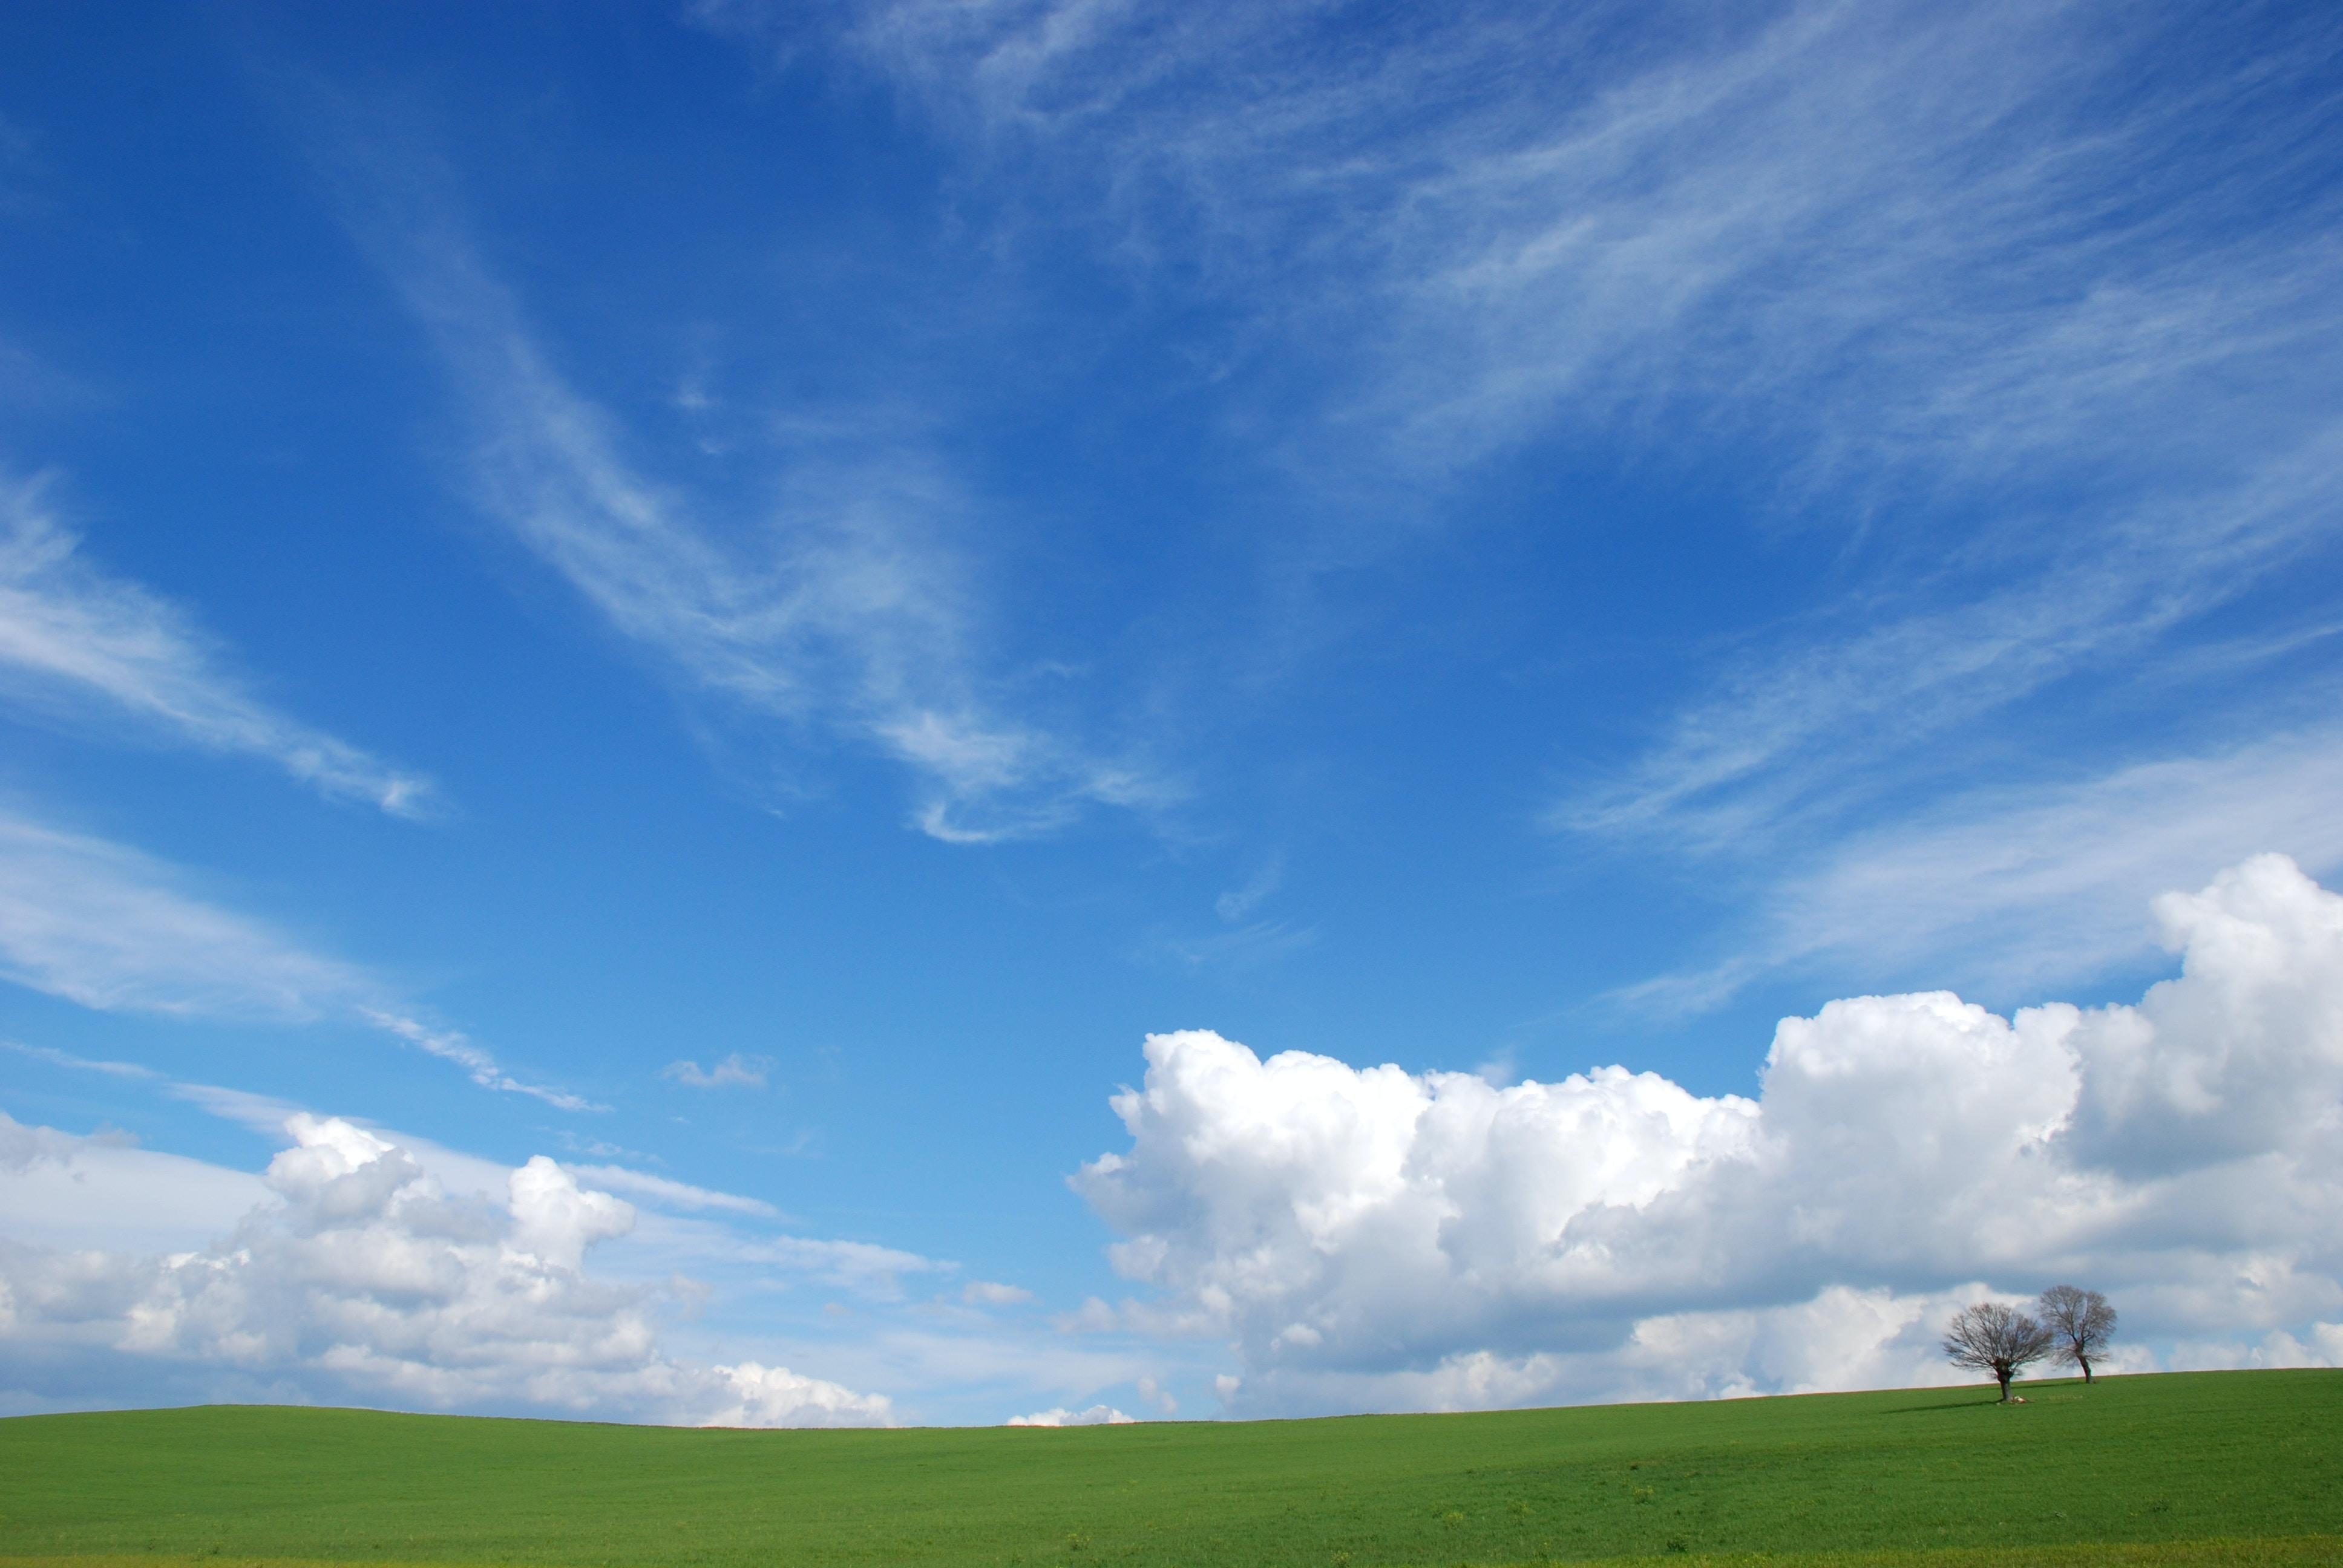 landscape photography of green land under bluesky photo